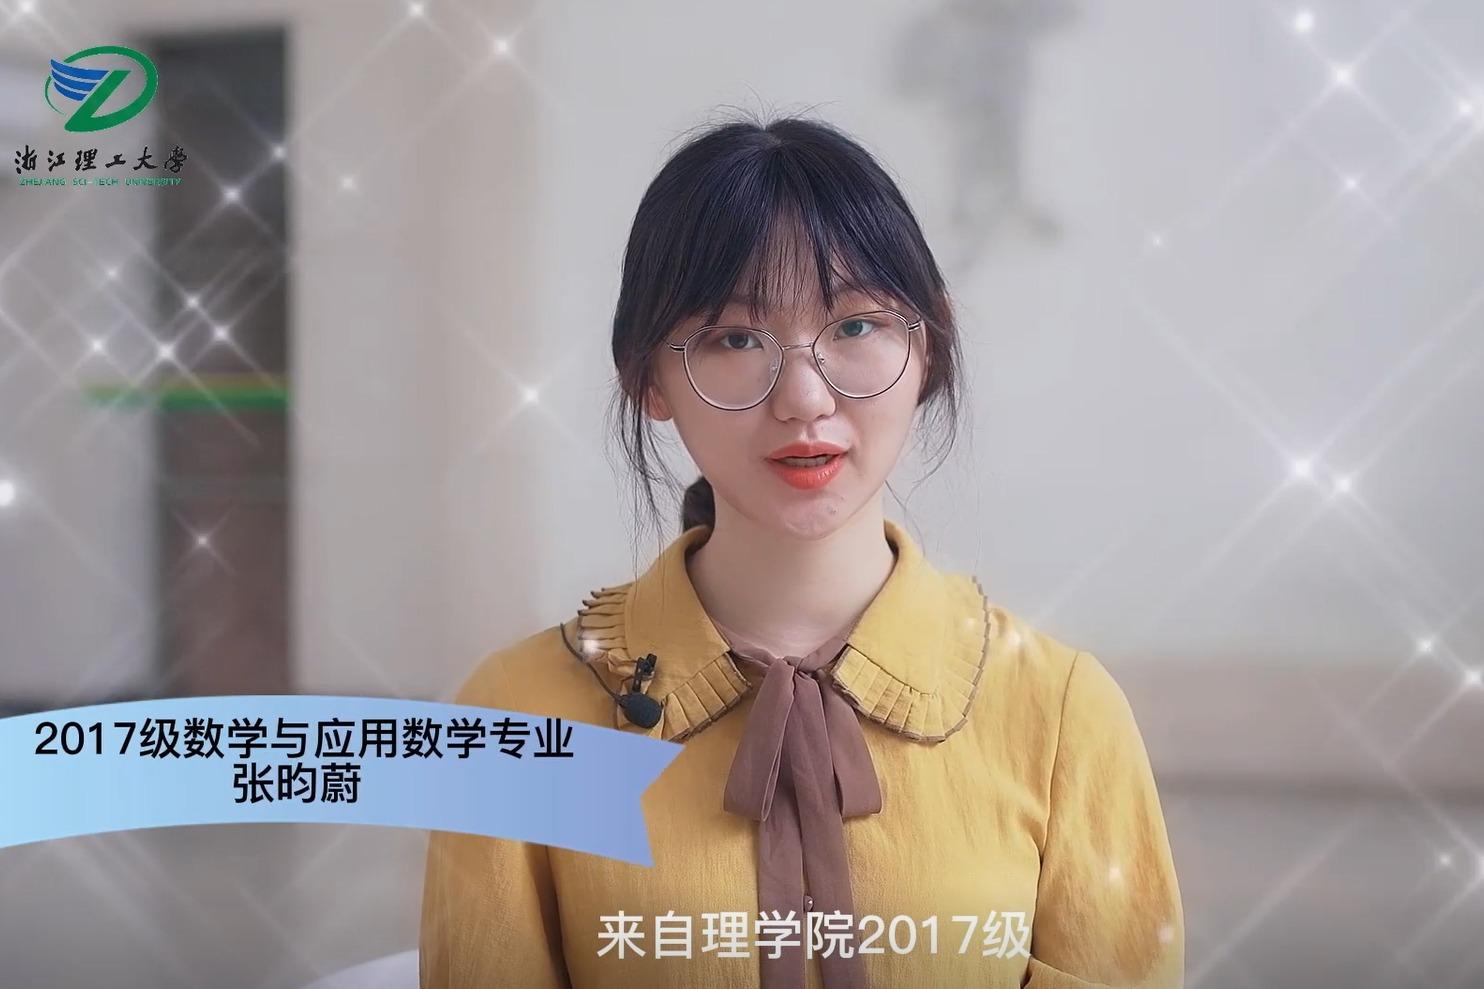 浙理优生   会摄影会建模的数学系大神竟然是个萌妹子?